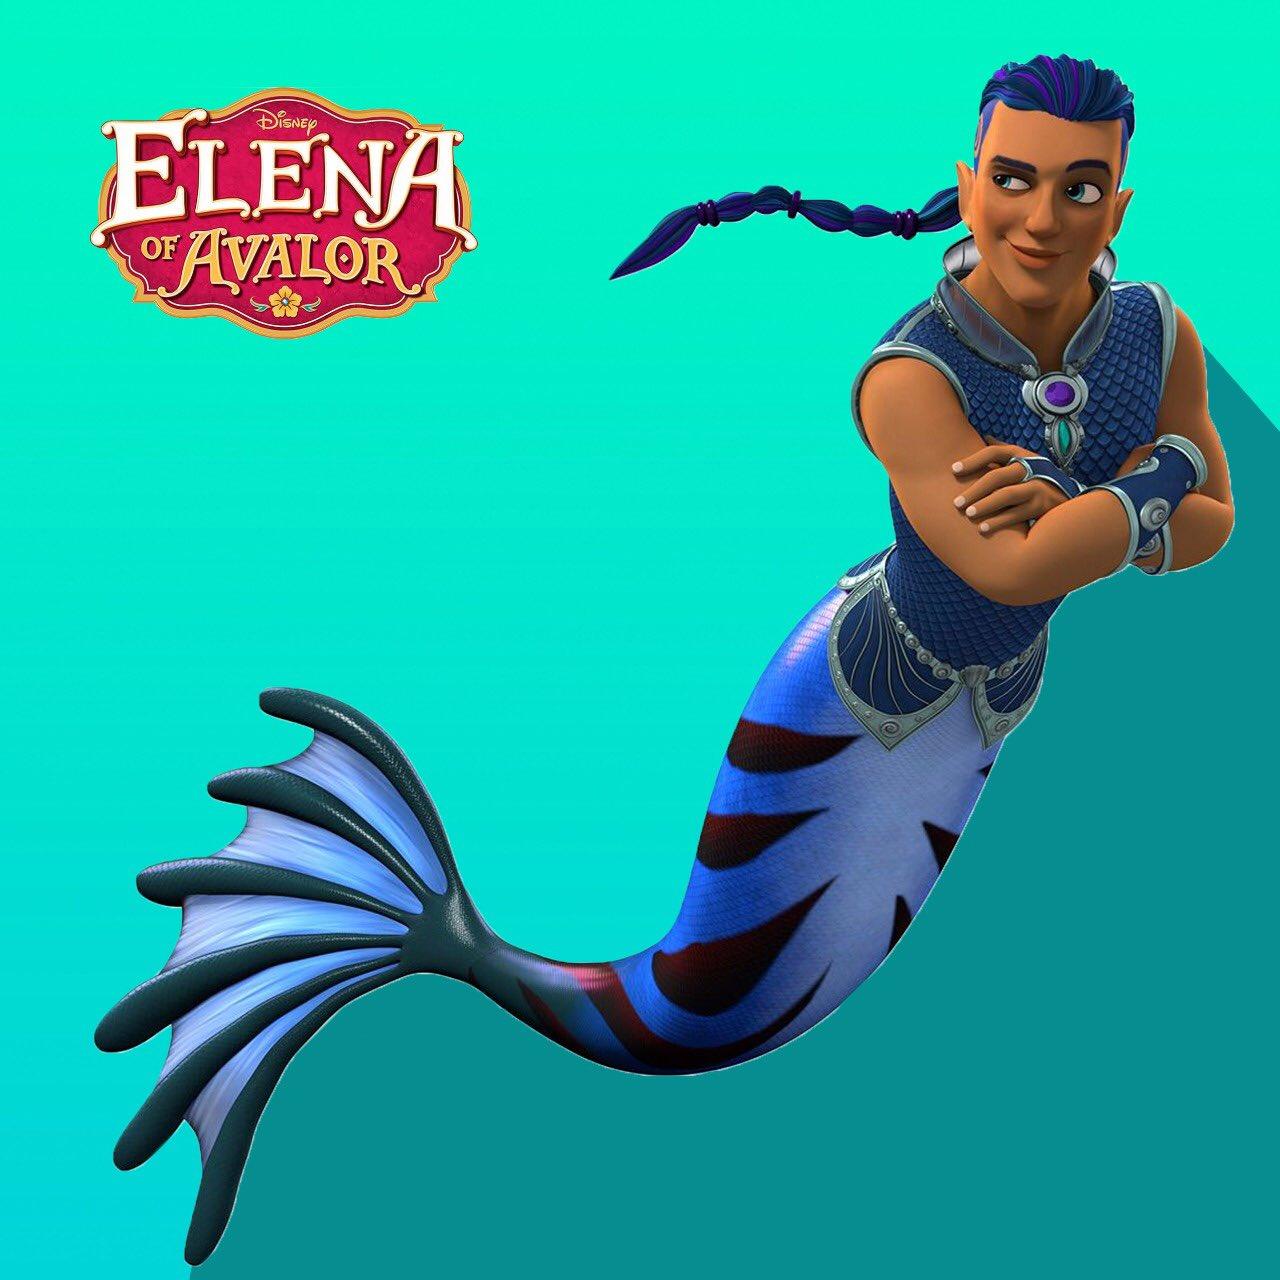 elena of avalor royal rivalry 123movies